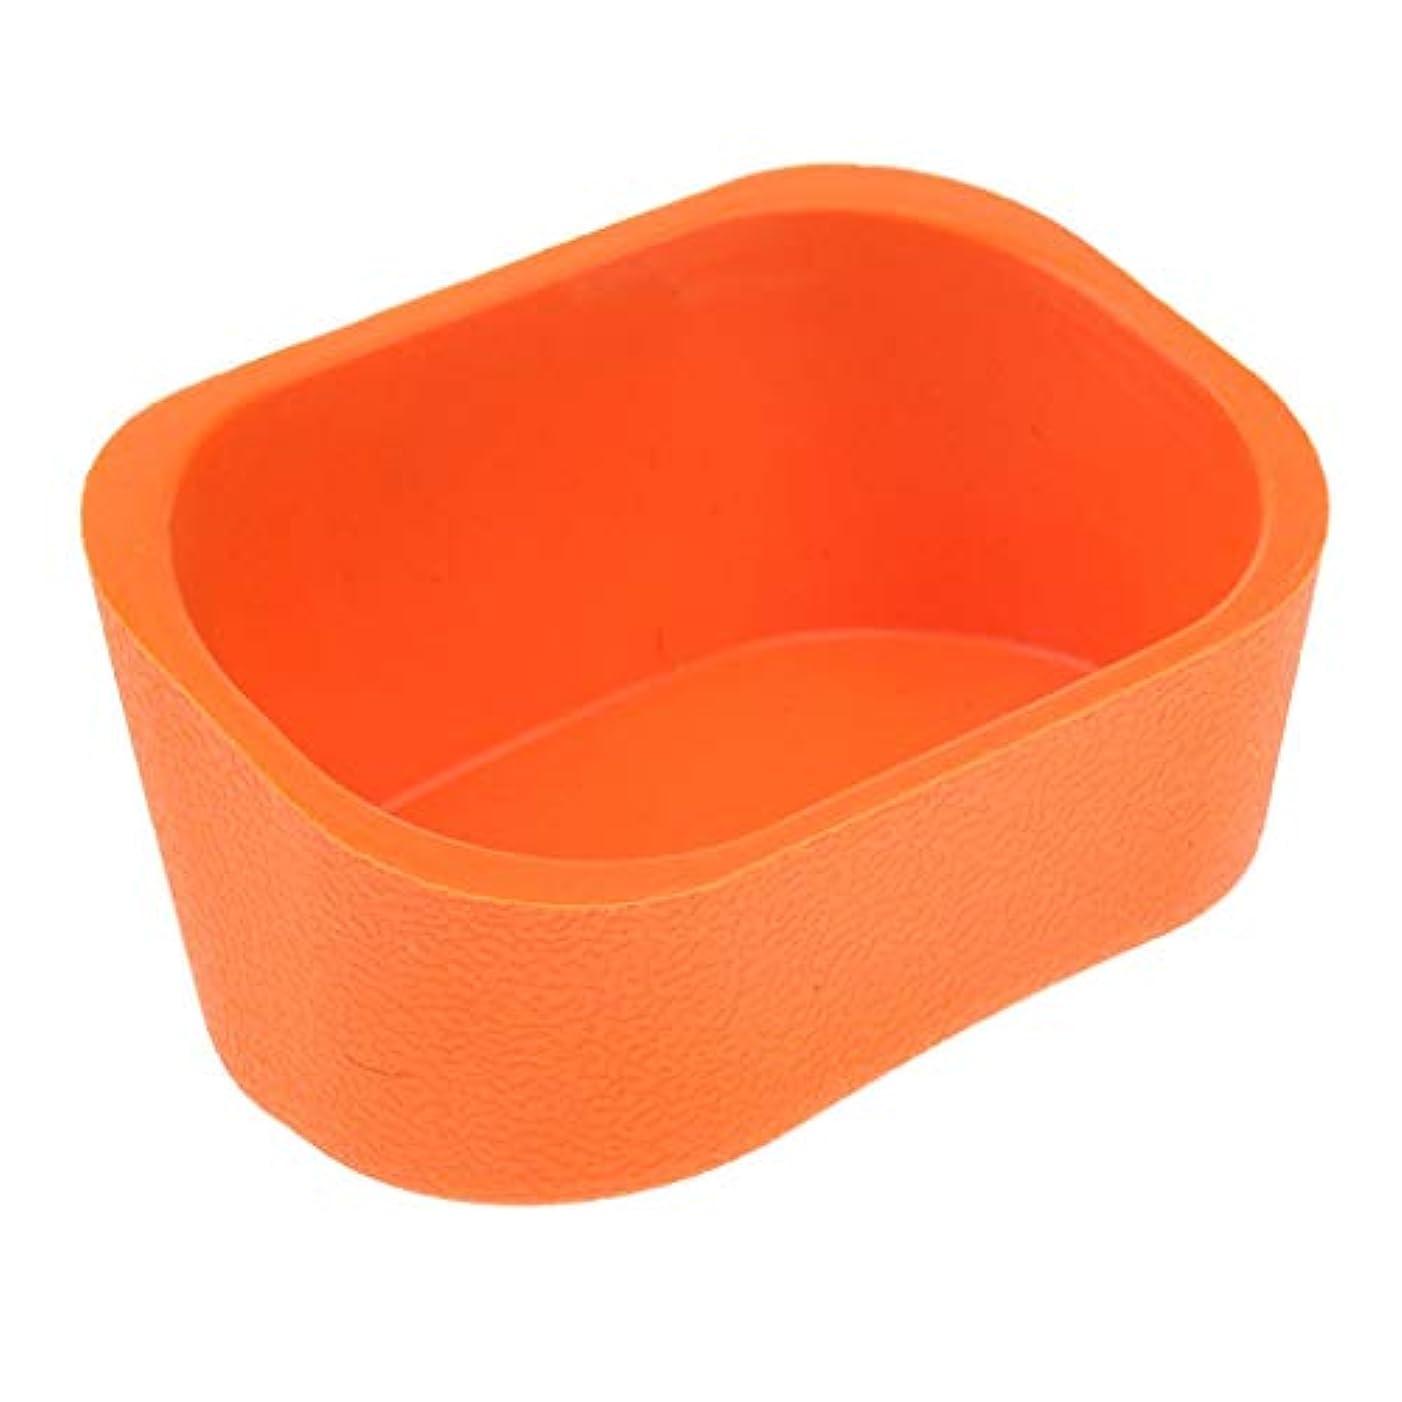 リスポジション気性Hellery 大広間の毛のためのシリコーンのシャンプーボールの首の残りの枕パッドは流しを洗います - オレンジ